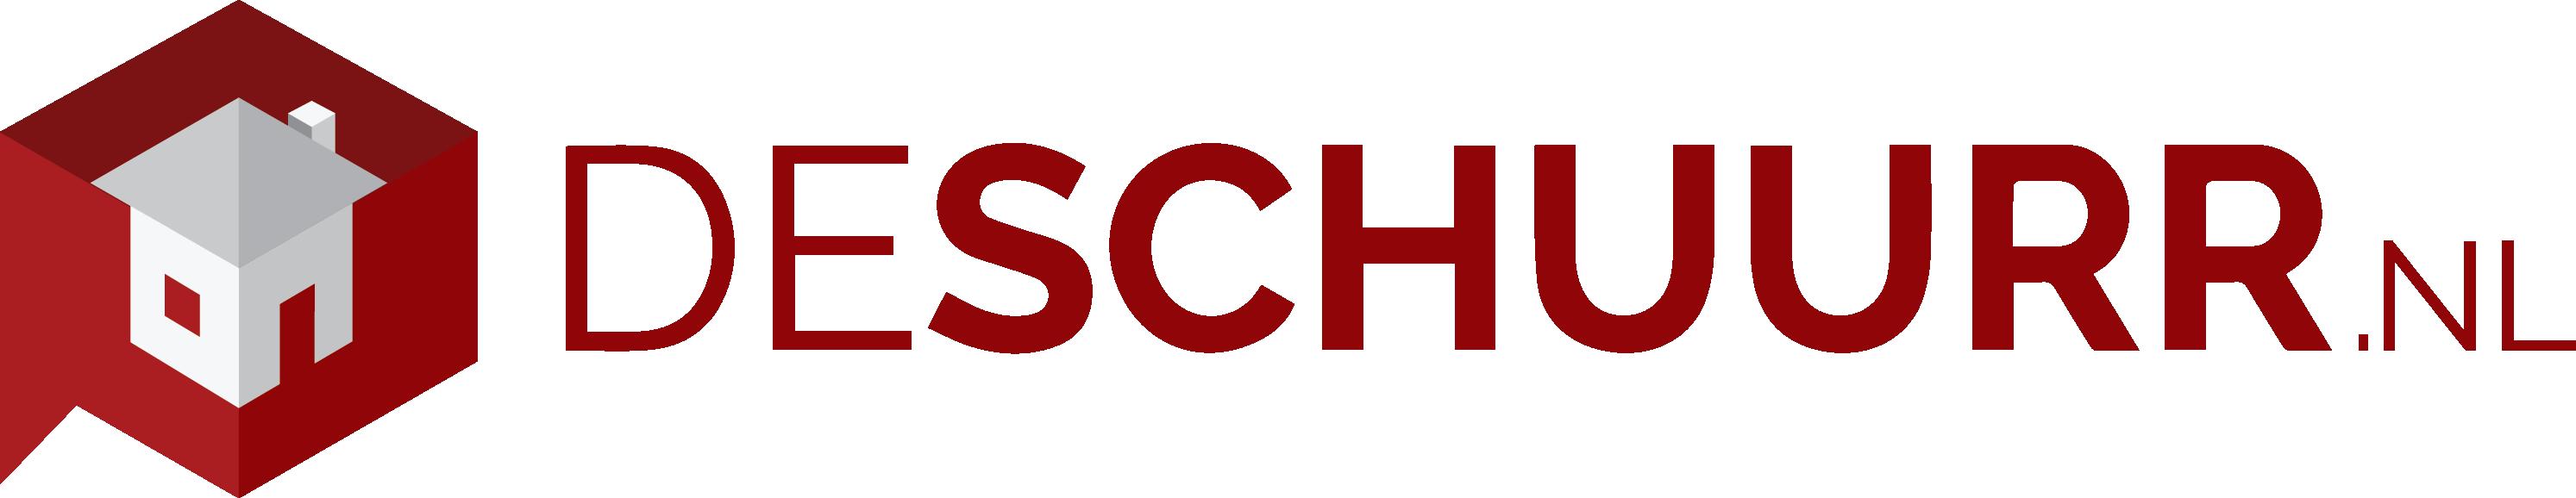 DeSchuurr